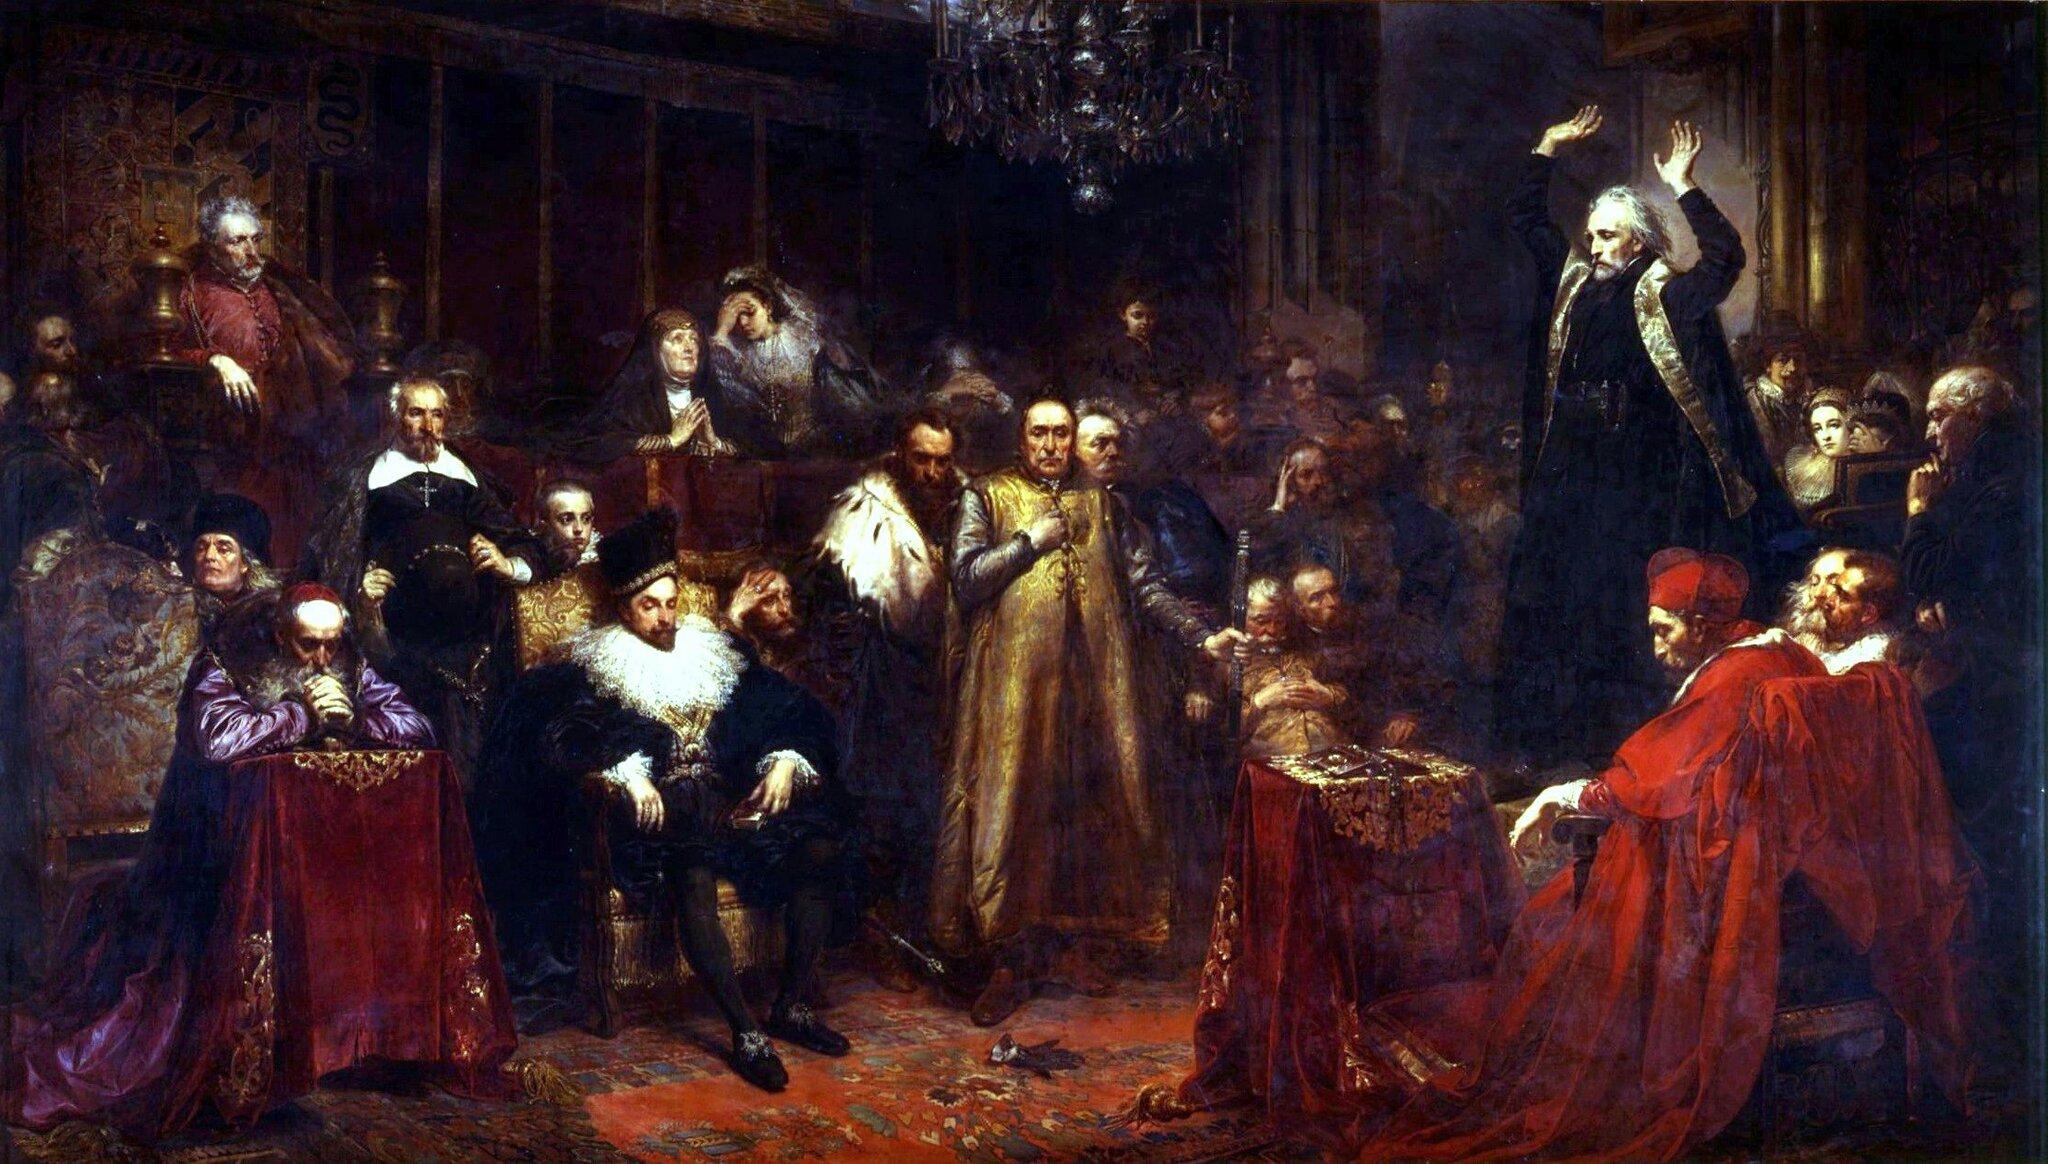 Kazanie Skargi Źródło: Jan Matejko, Kazanie Skargi, 1864, olej na płótnie, Zamek Królewski wWarszawie, domena publiczna.